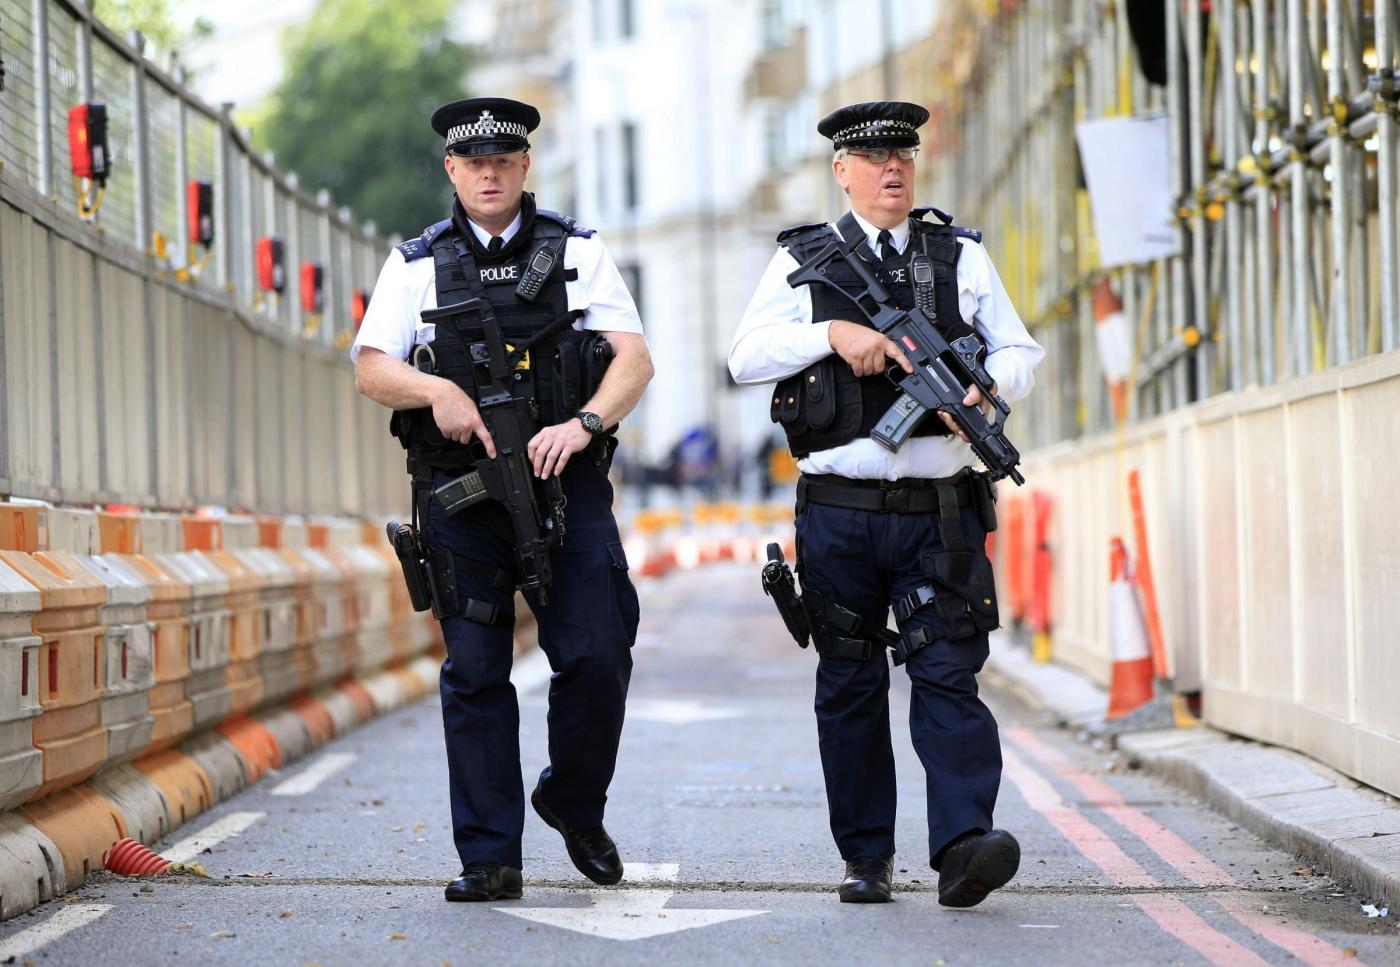 Londra, attentato a coltellate a Russell Square: 19enne uccide donna e ferisce passanti